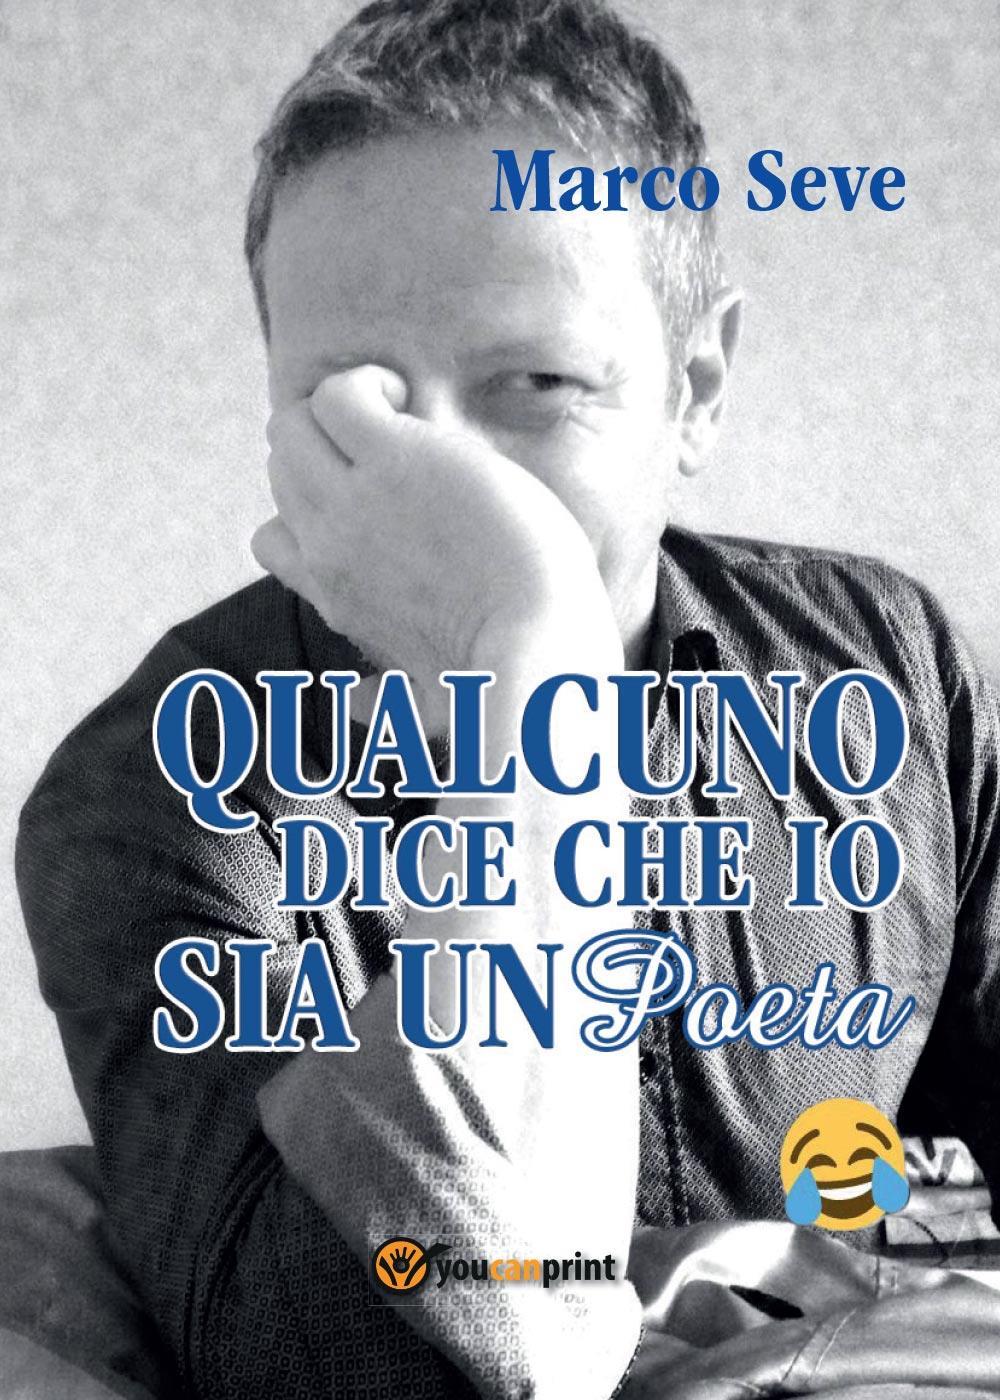 Qualcuno dice che io sia un poeta :)